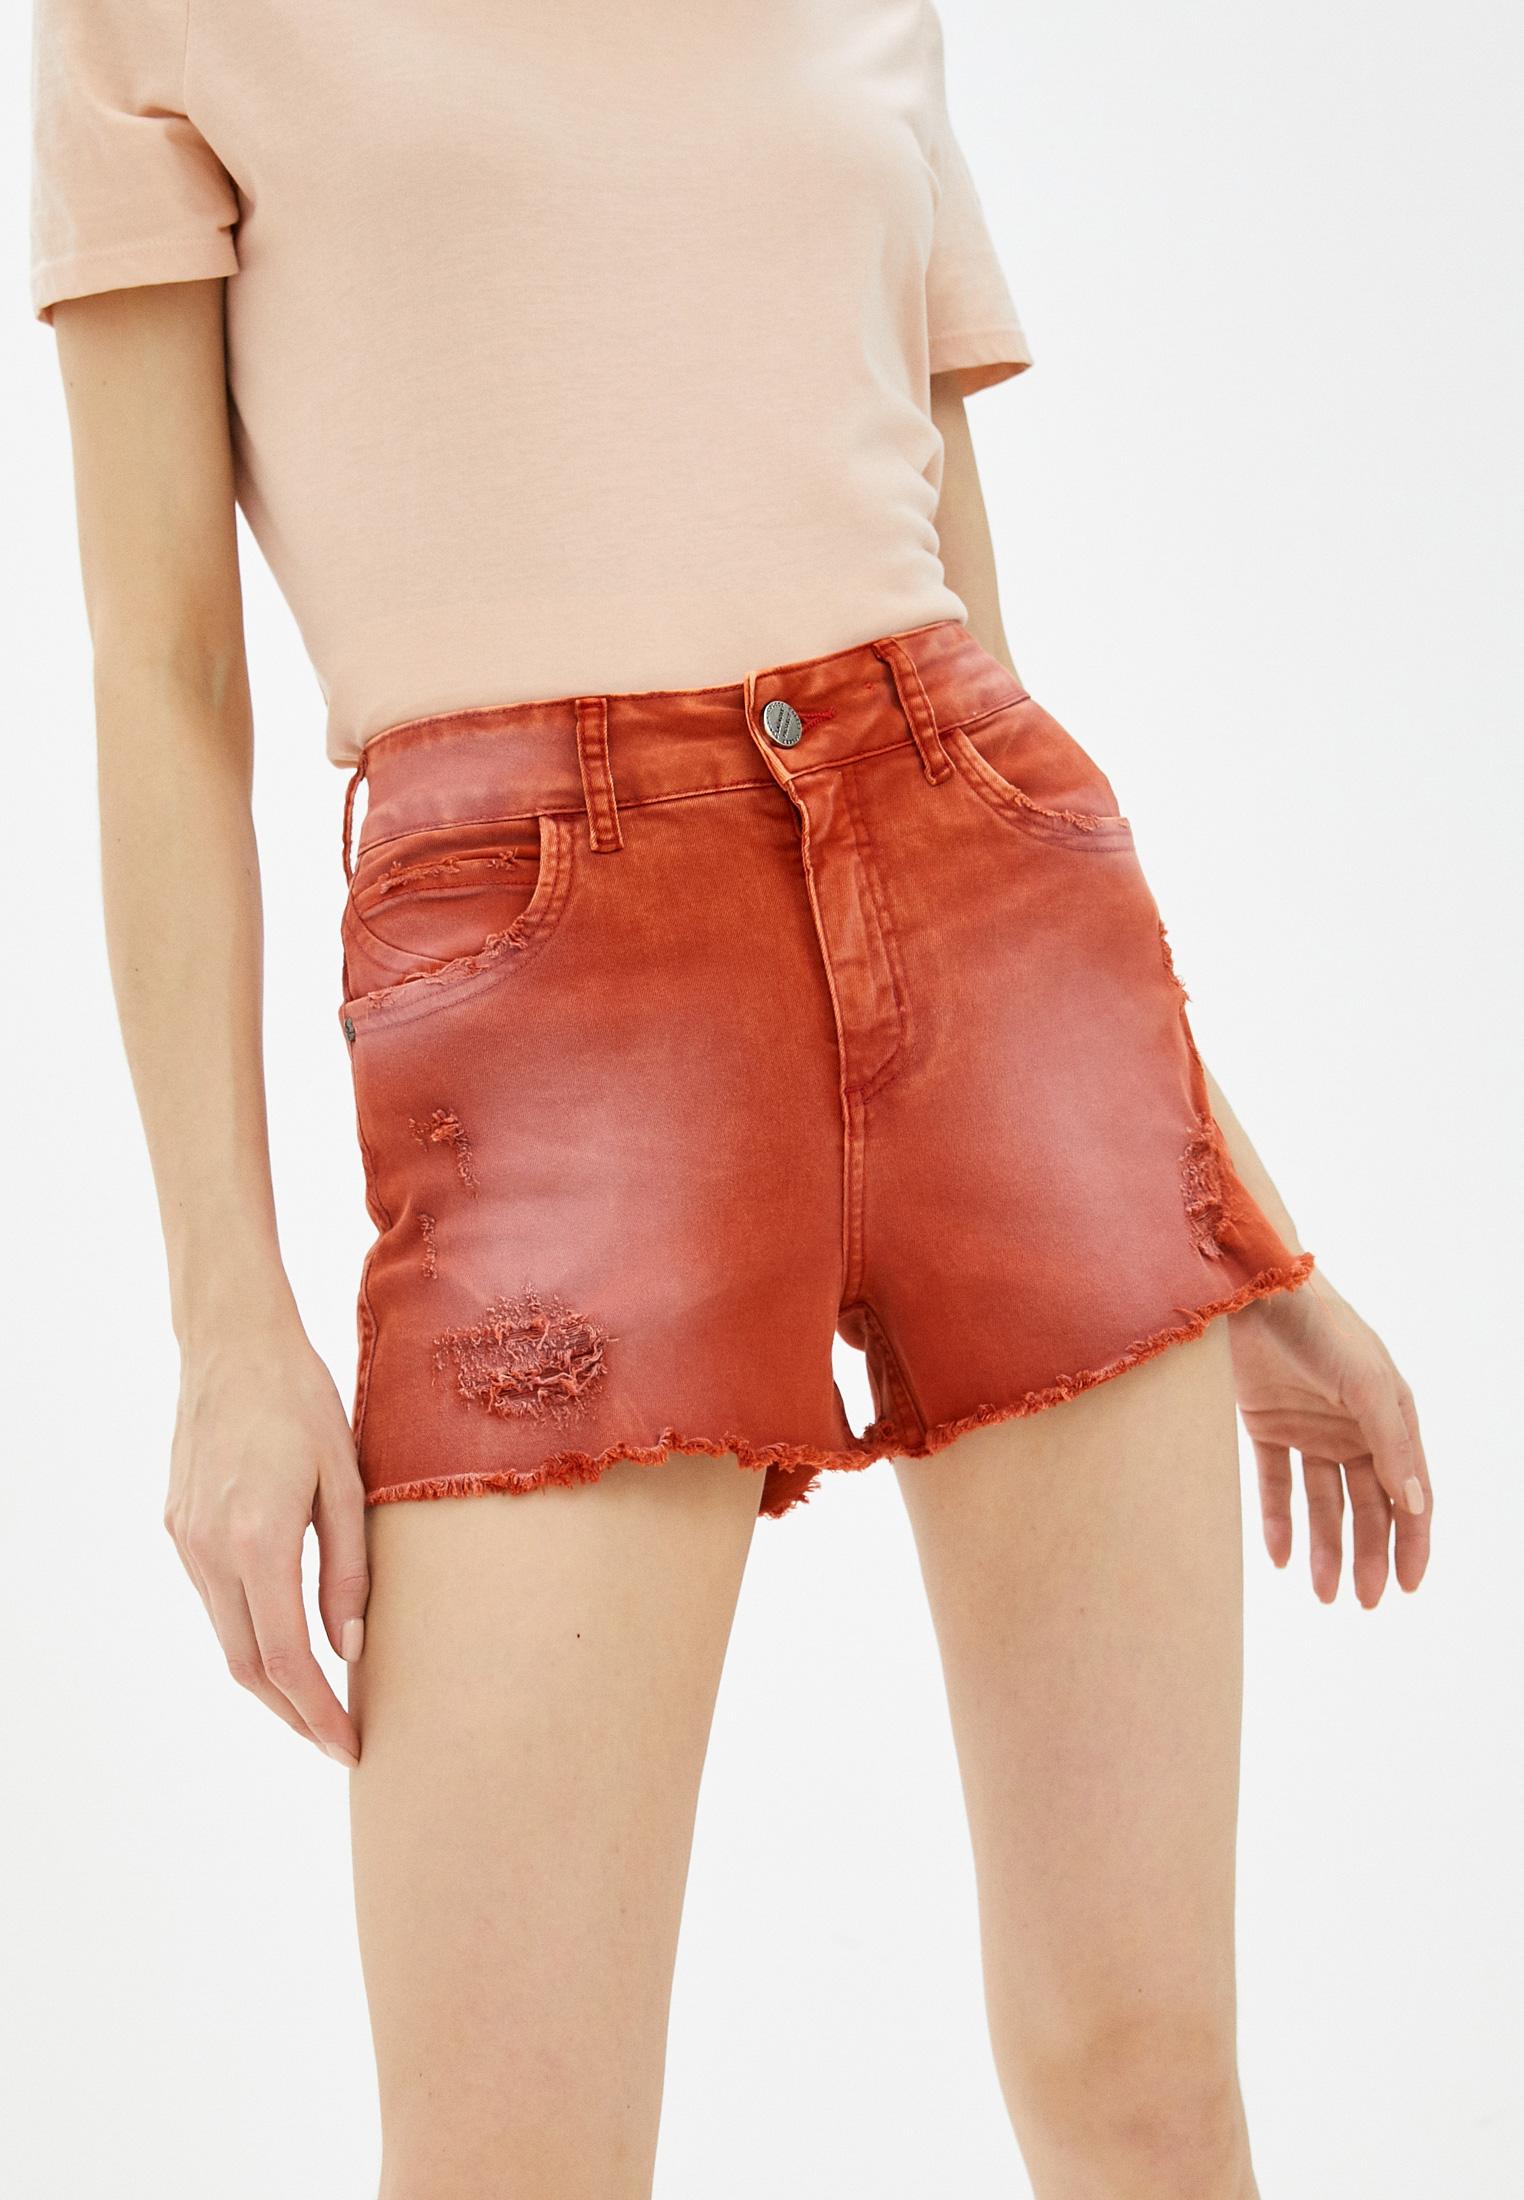 Женские джинсовые шорты Colcci Шорты джинсовые Colcci